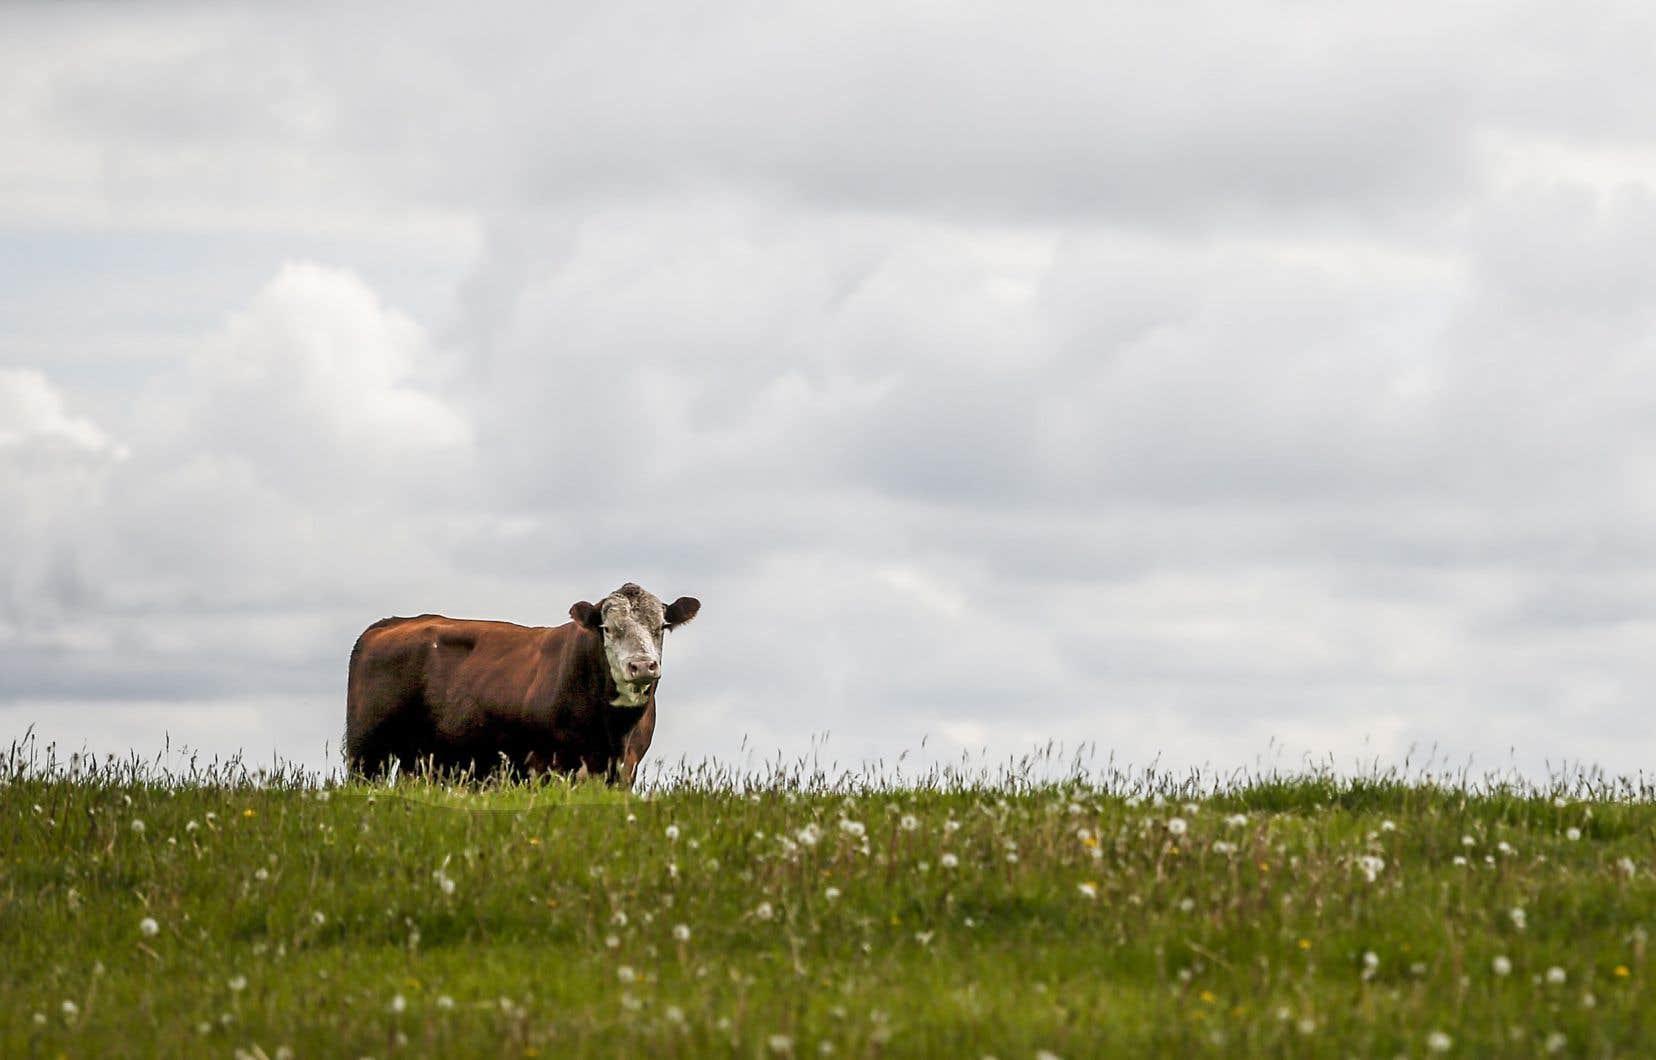 La proportion des terres de la planète consacrées à l'agriculture ne devrait pas augmenter en raison de l'amélioration des rendements, de l'augmentation de la taille des cheptels et d'autres gains de productivité.